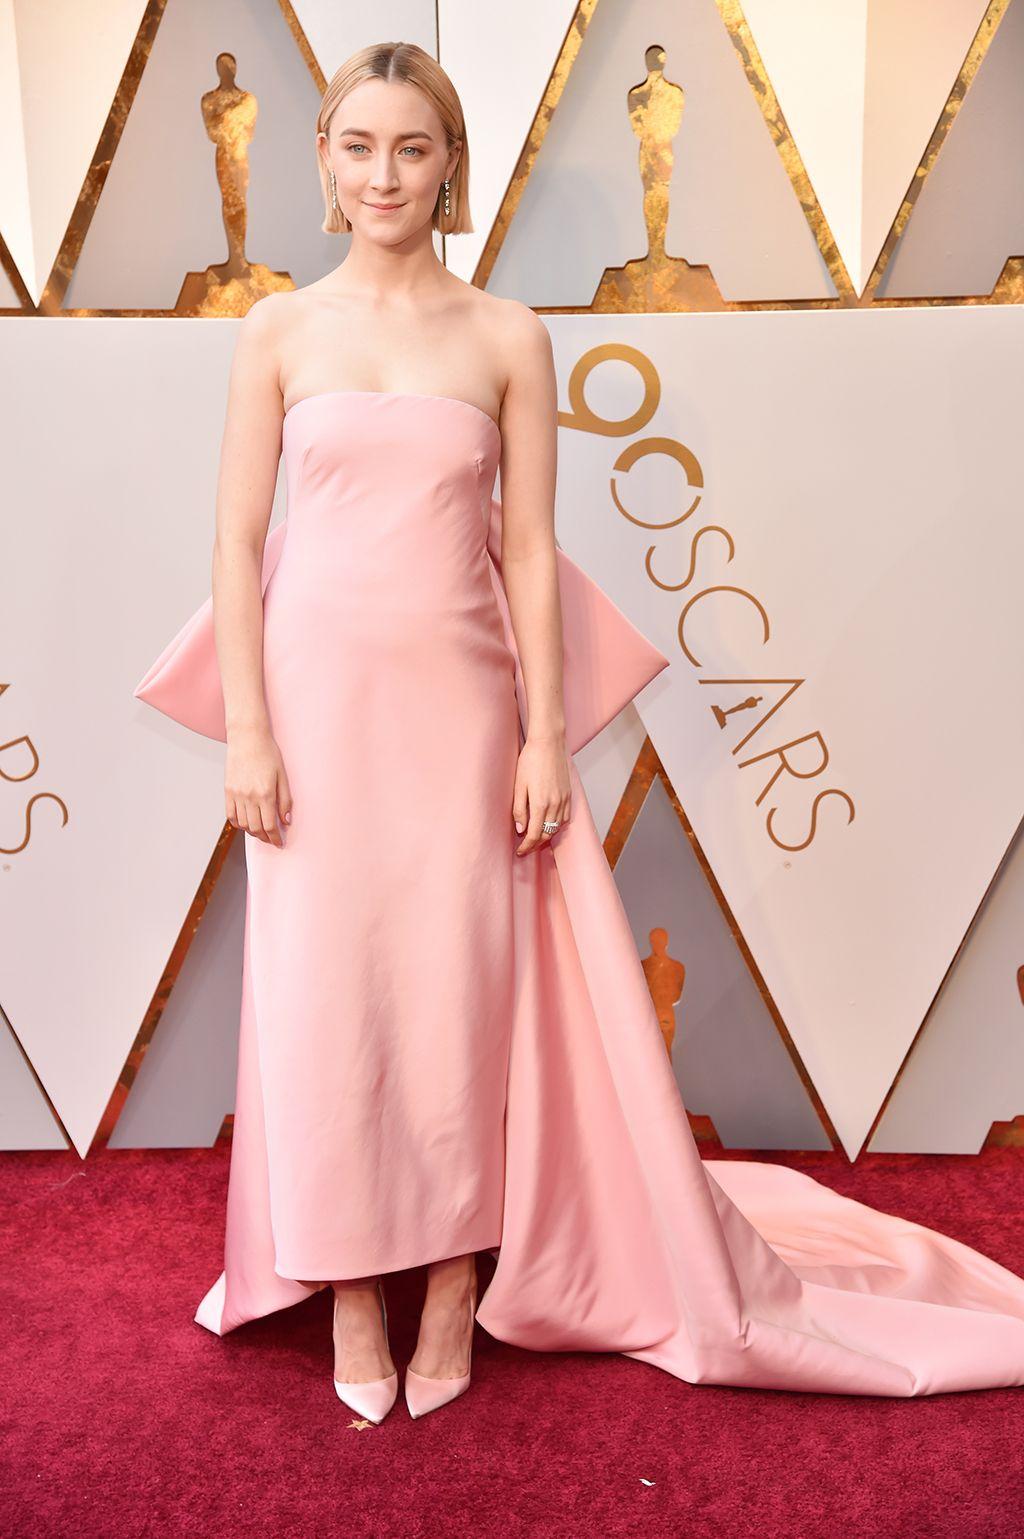 Premios Oscar 2018: la alfombra roja - Todos los looks de los Oscar 2018